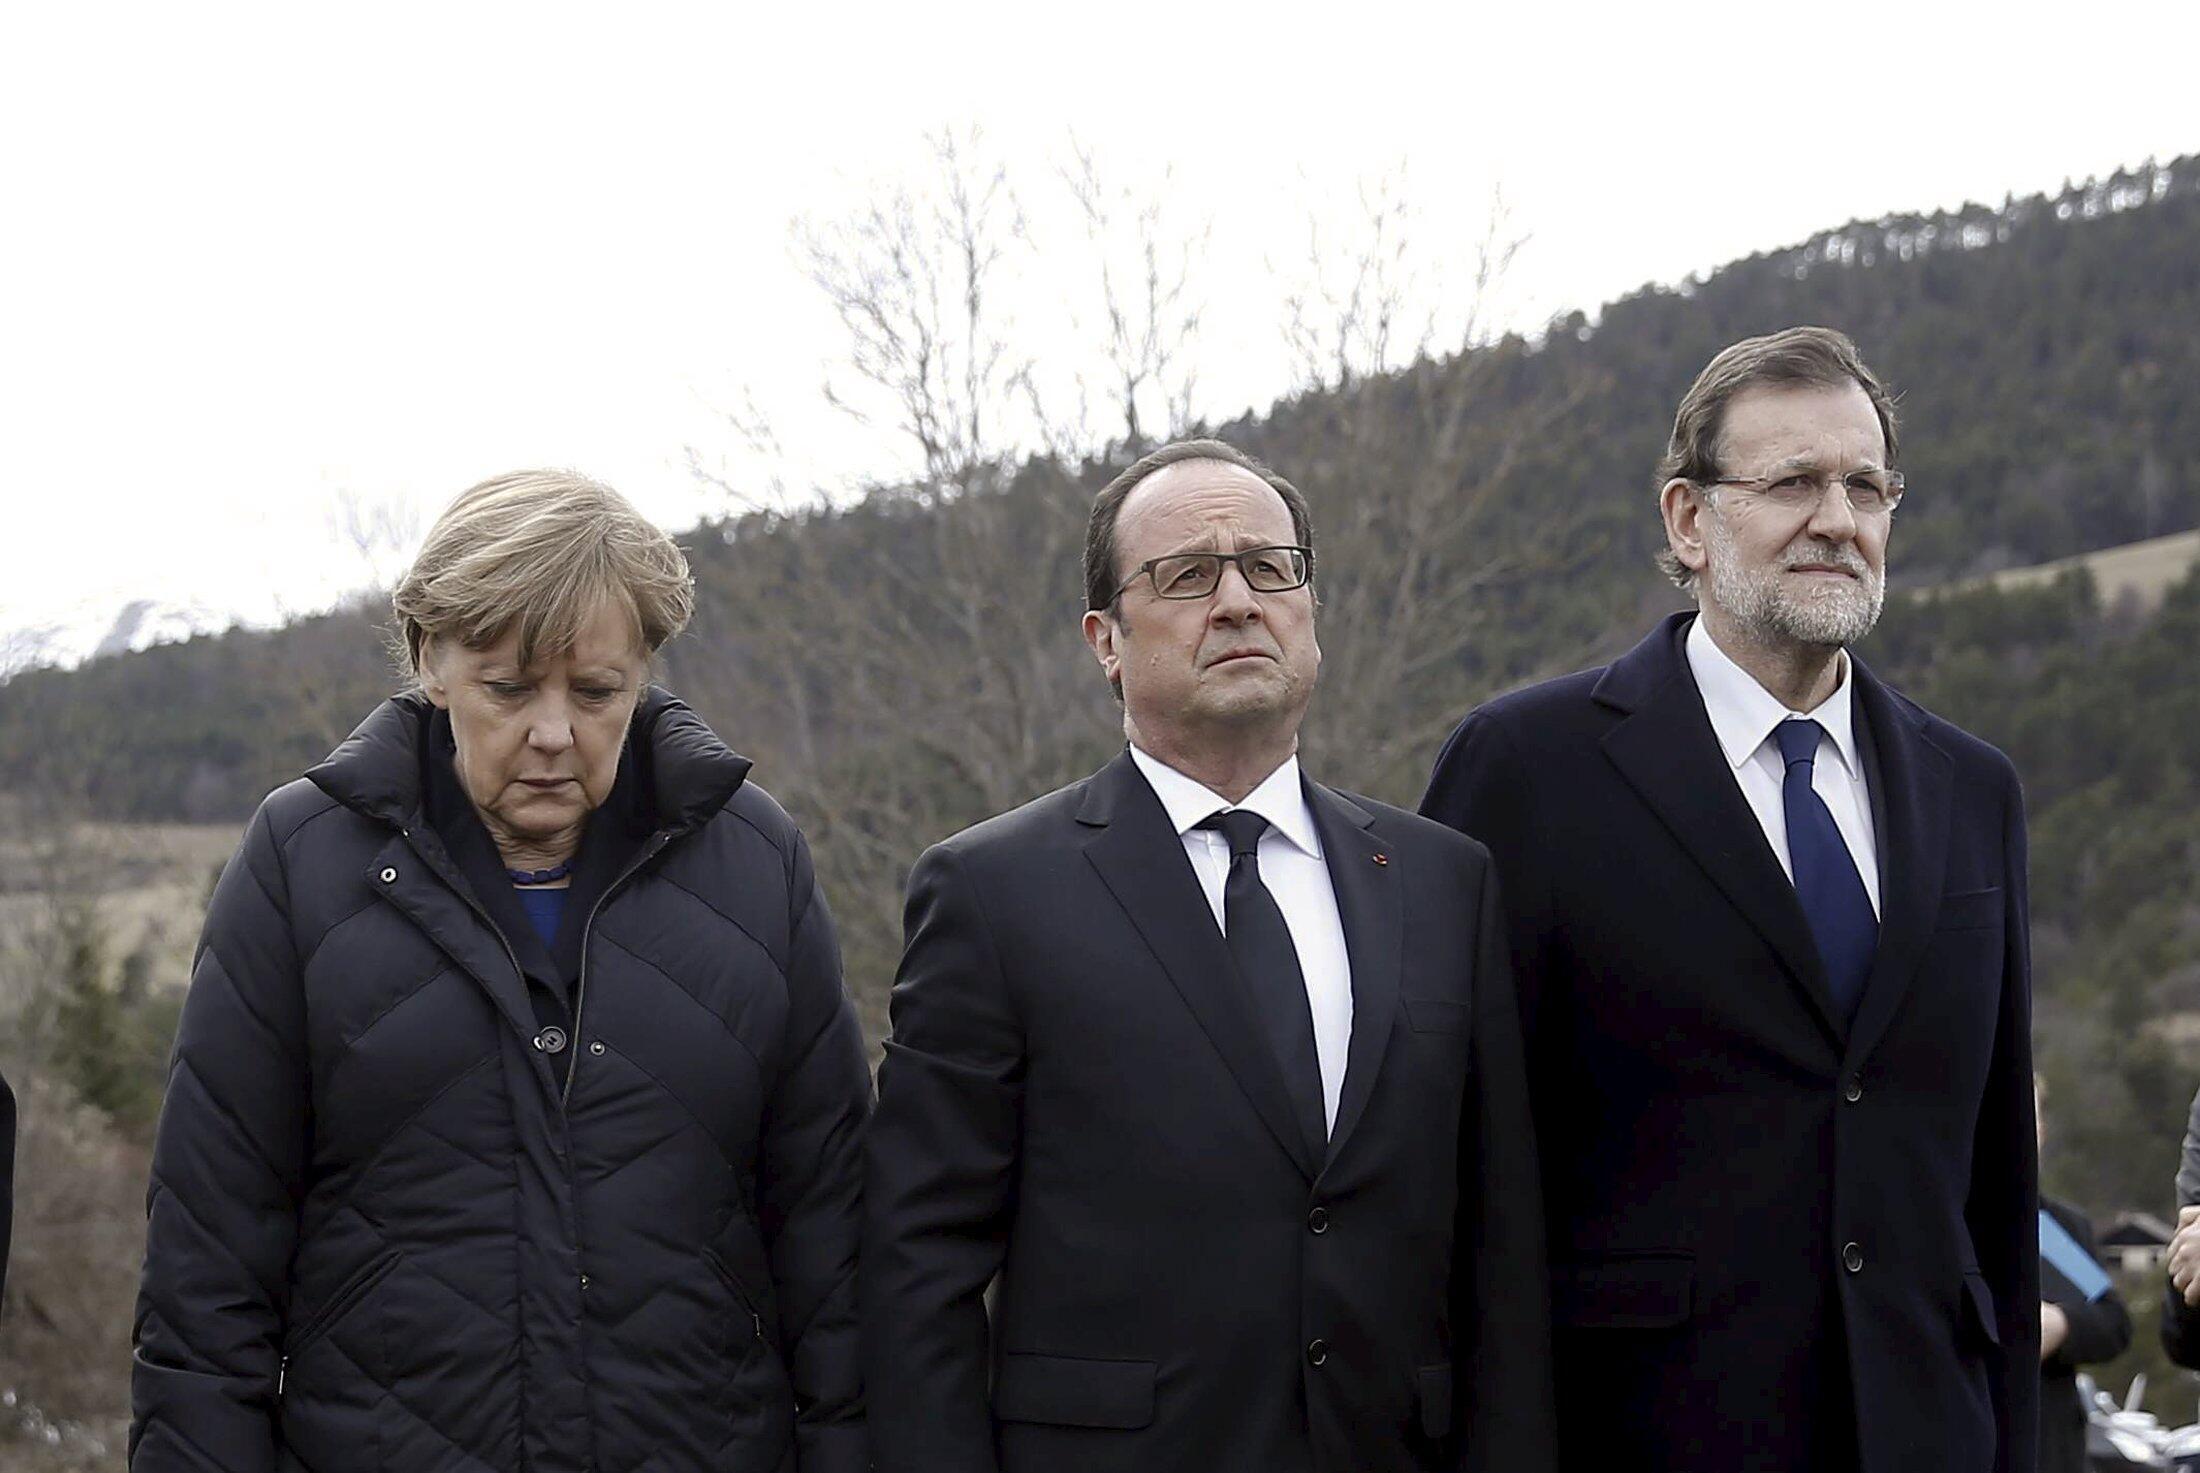 A chanceler alemã, Angela Merkel, o presidente francês, François Hollande, e o primeiro-ministro espanhol, Mariano Rajoy, na cidade de Seyne-les-Alpes, na região do acidente do Airbus A320 da Germanwings, nesta quarta-feira (25).